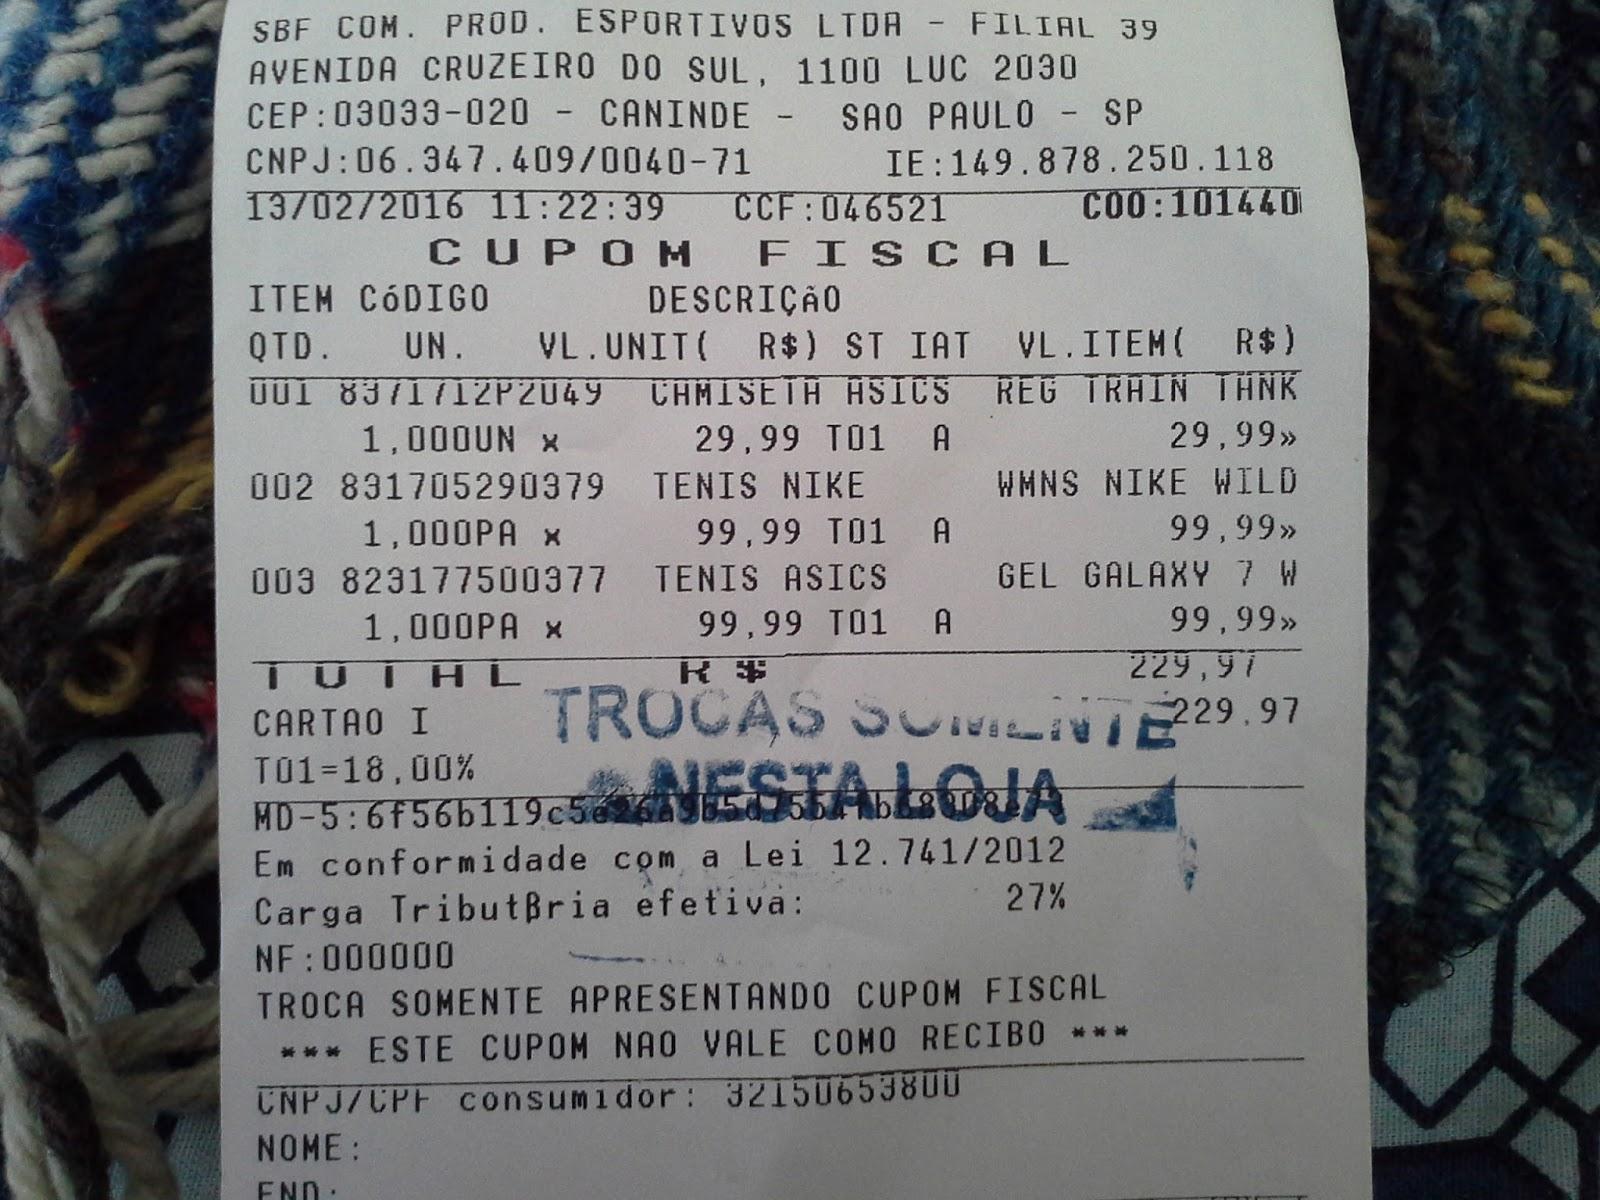 a690f6e4a0 Fui lá e ali  Compras no outlet da Centauro -Shopping D em São paulo